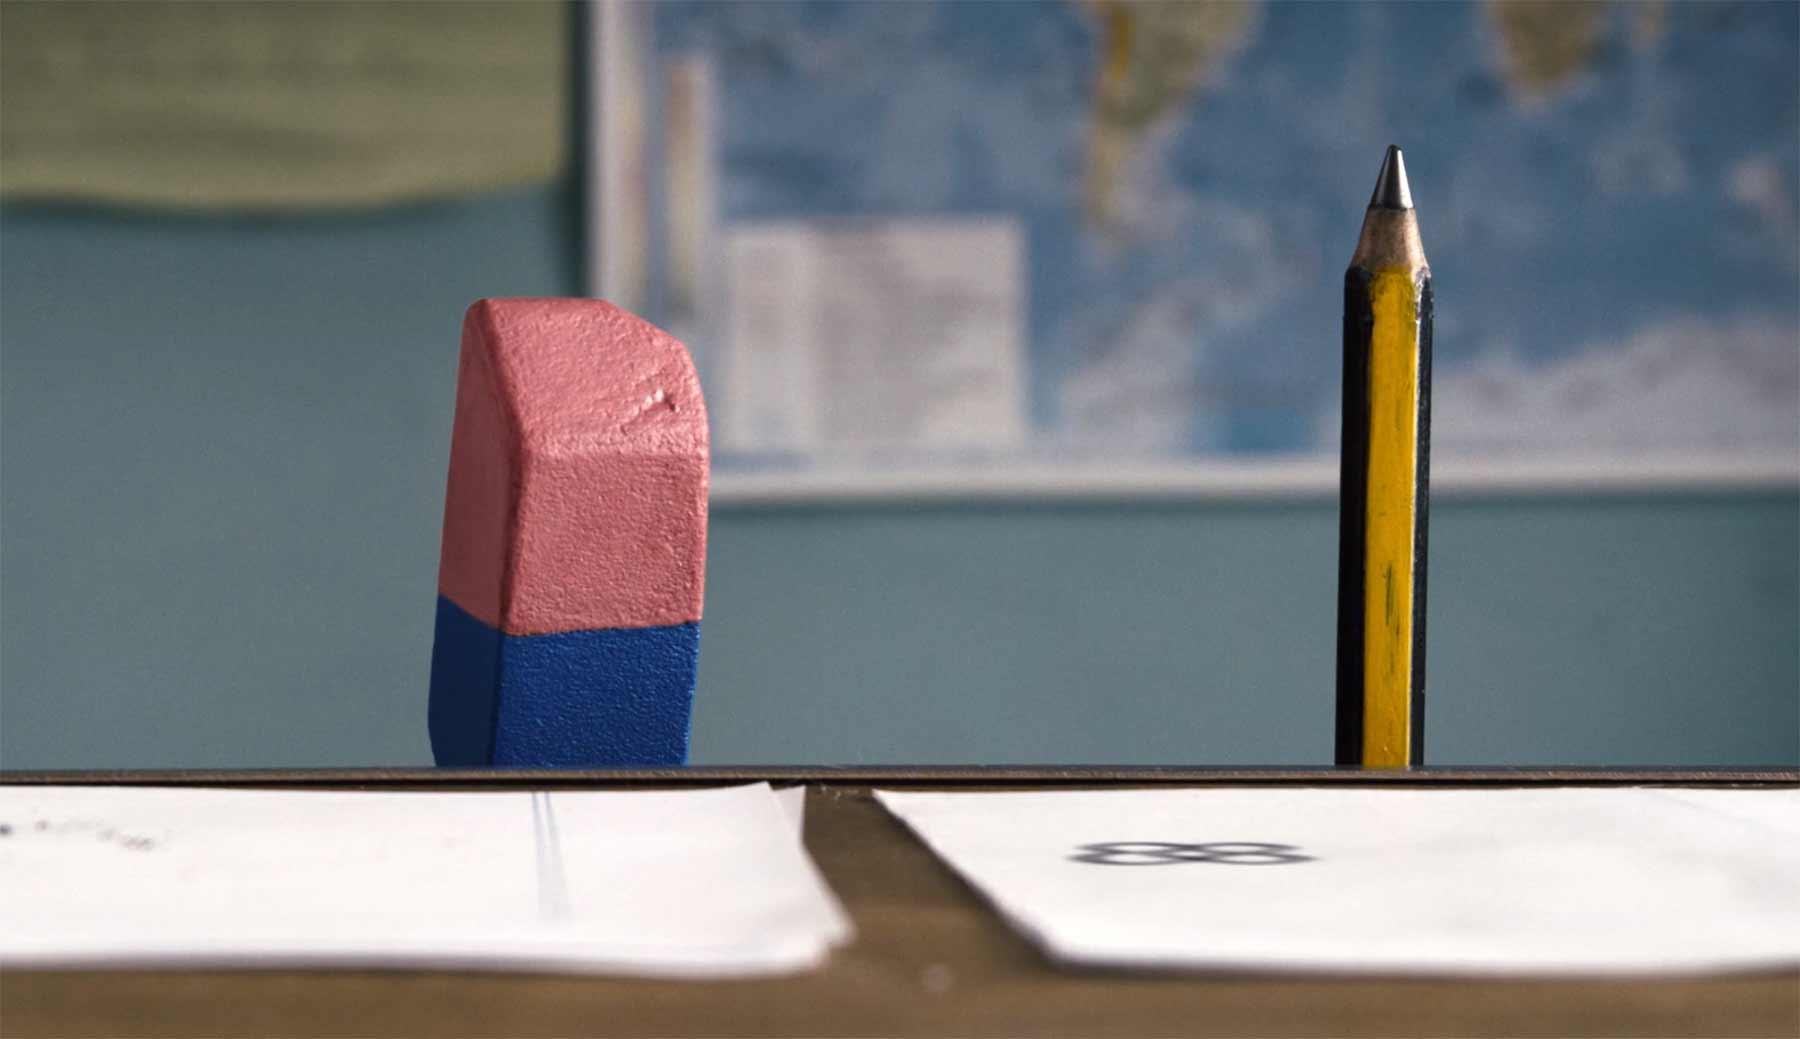 Treffen sich ein Radiergummi und ein Bleistift asi-son-las-cosas-the-way-things-are